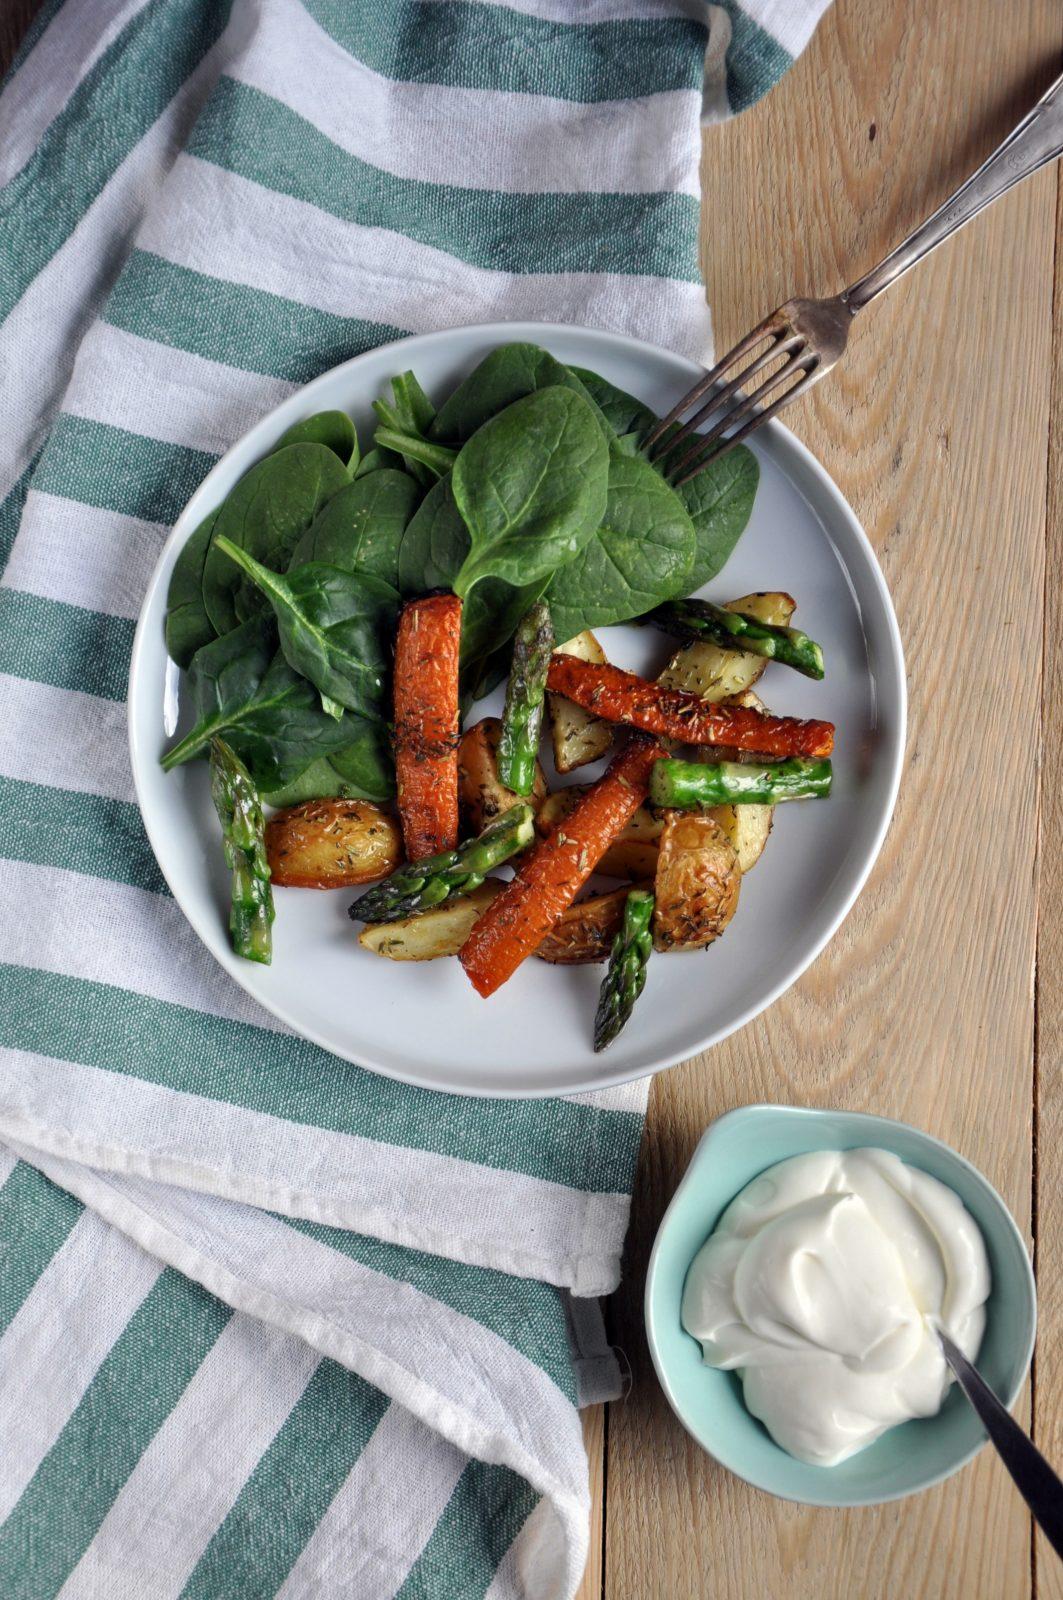 Pieczone warzywa: młode ziemniaki i marchewka podane ze szparagami, świeżym szpinakiem i kwaśną śmietaną